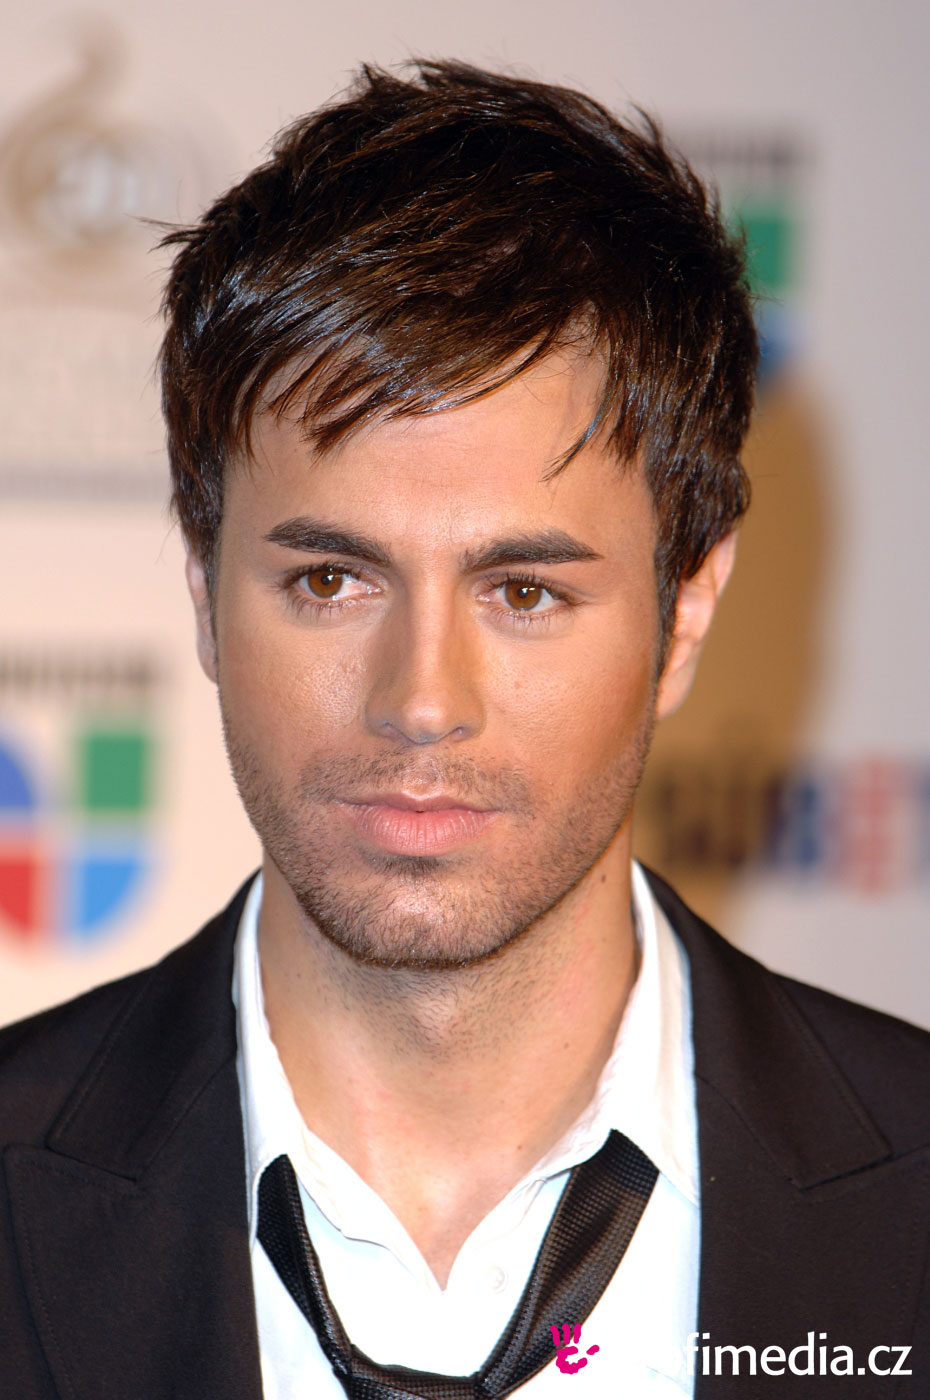 Enrique Iglesias Hairstyle Easyhairstyler